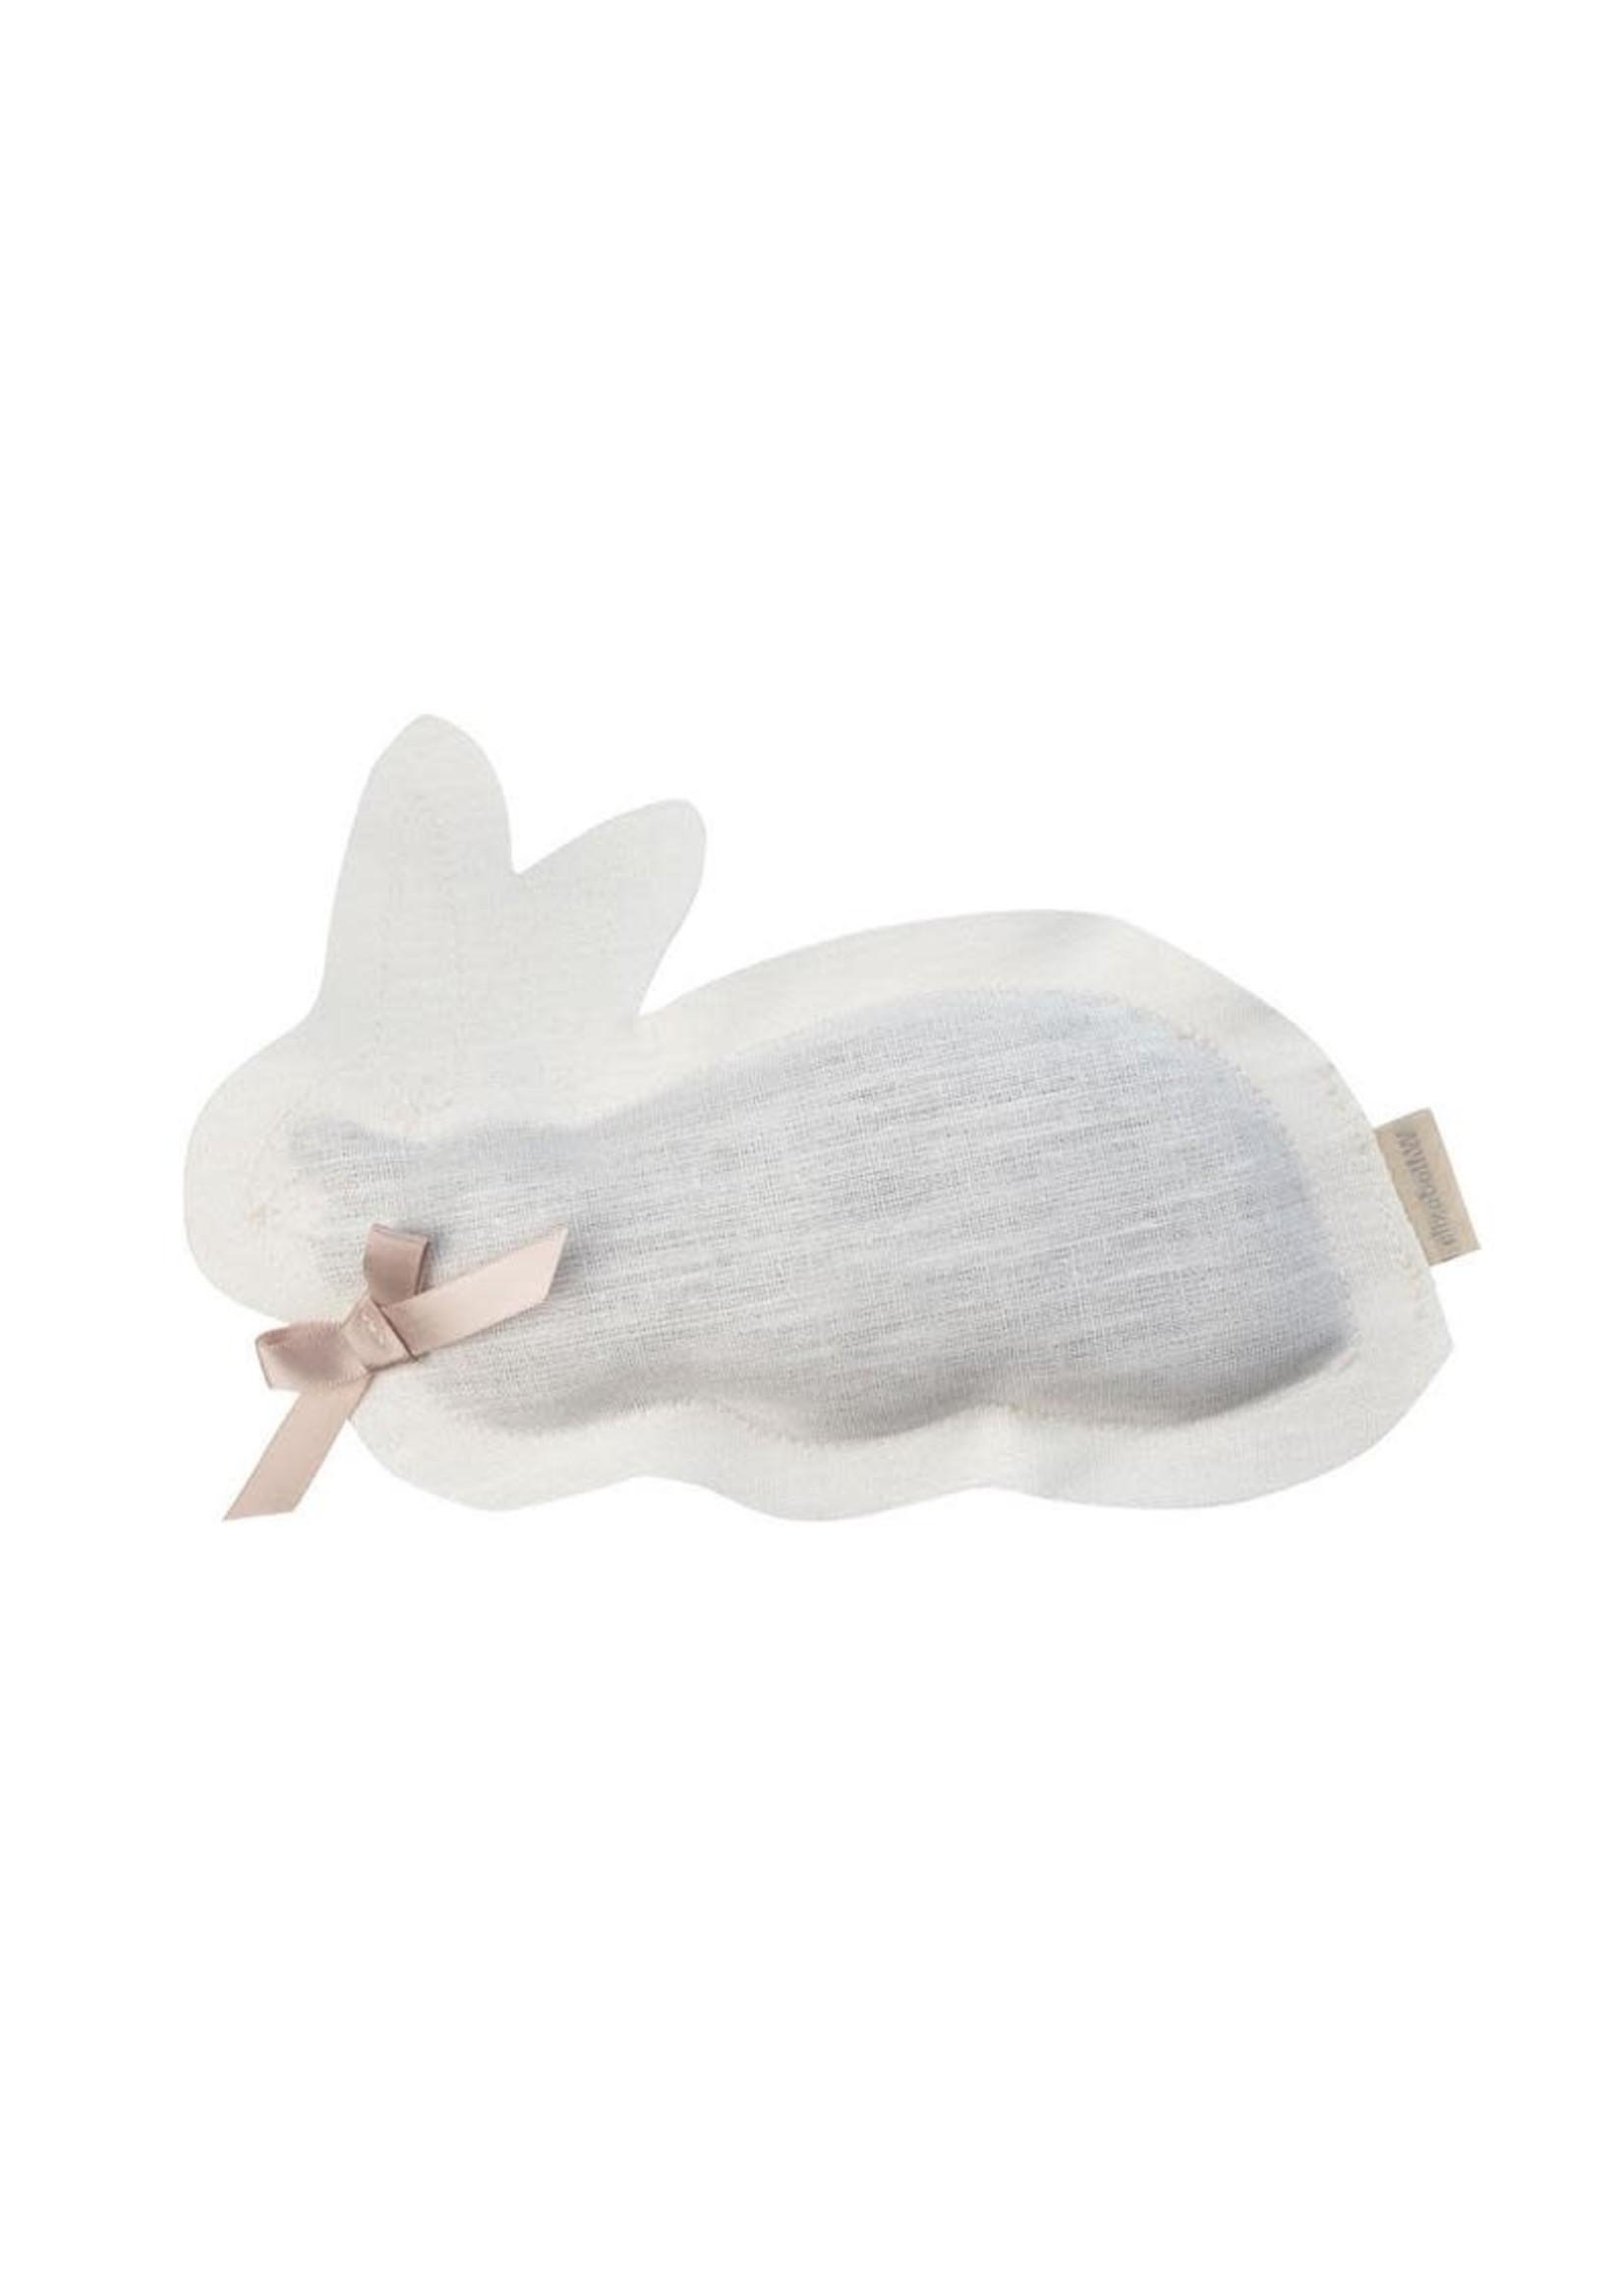 Elizabeth W Bunny Lavender Sachet - Ivory